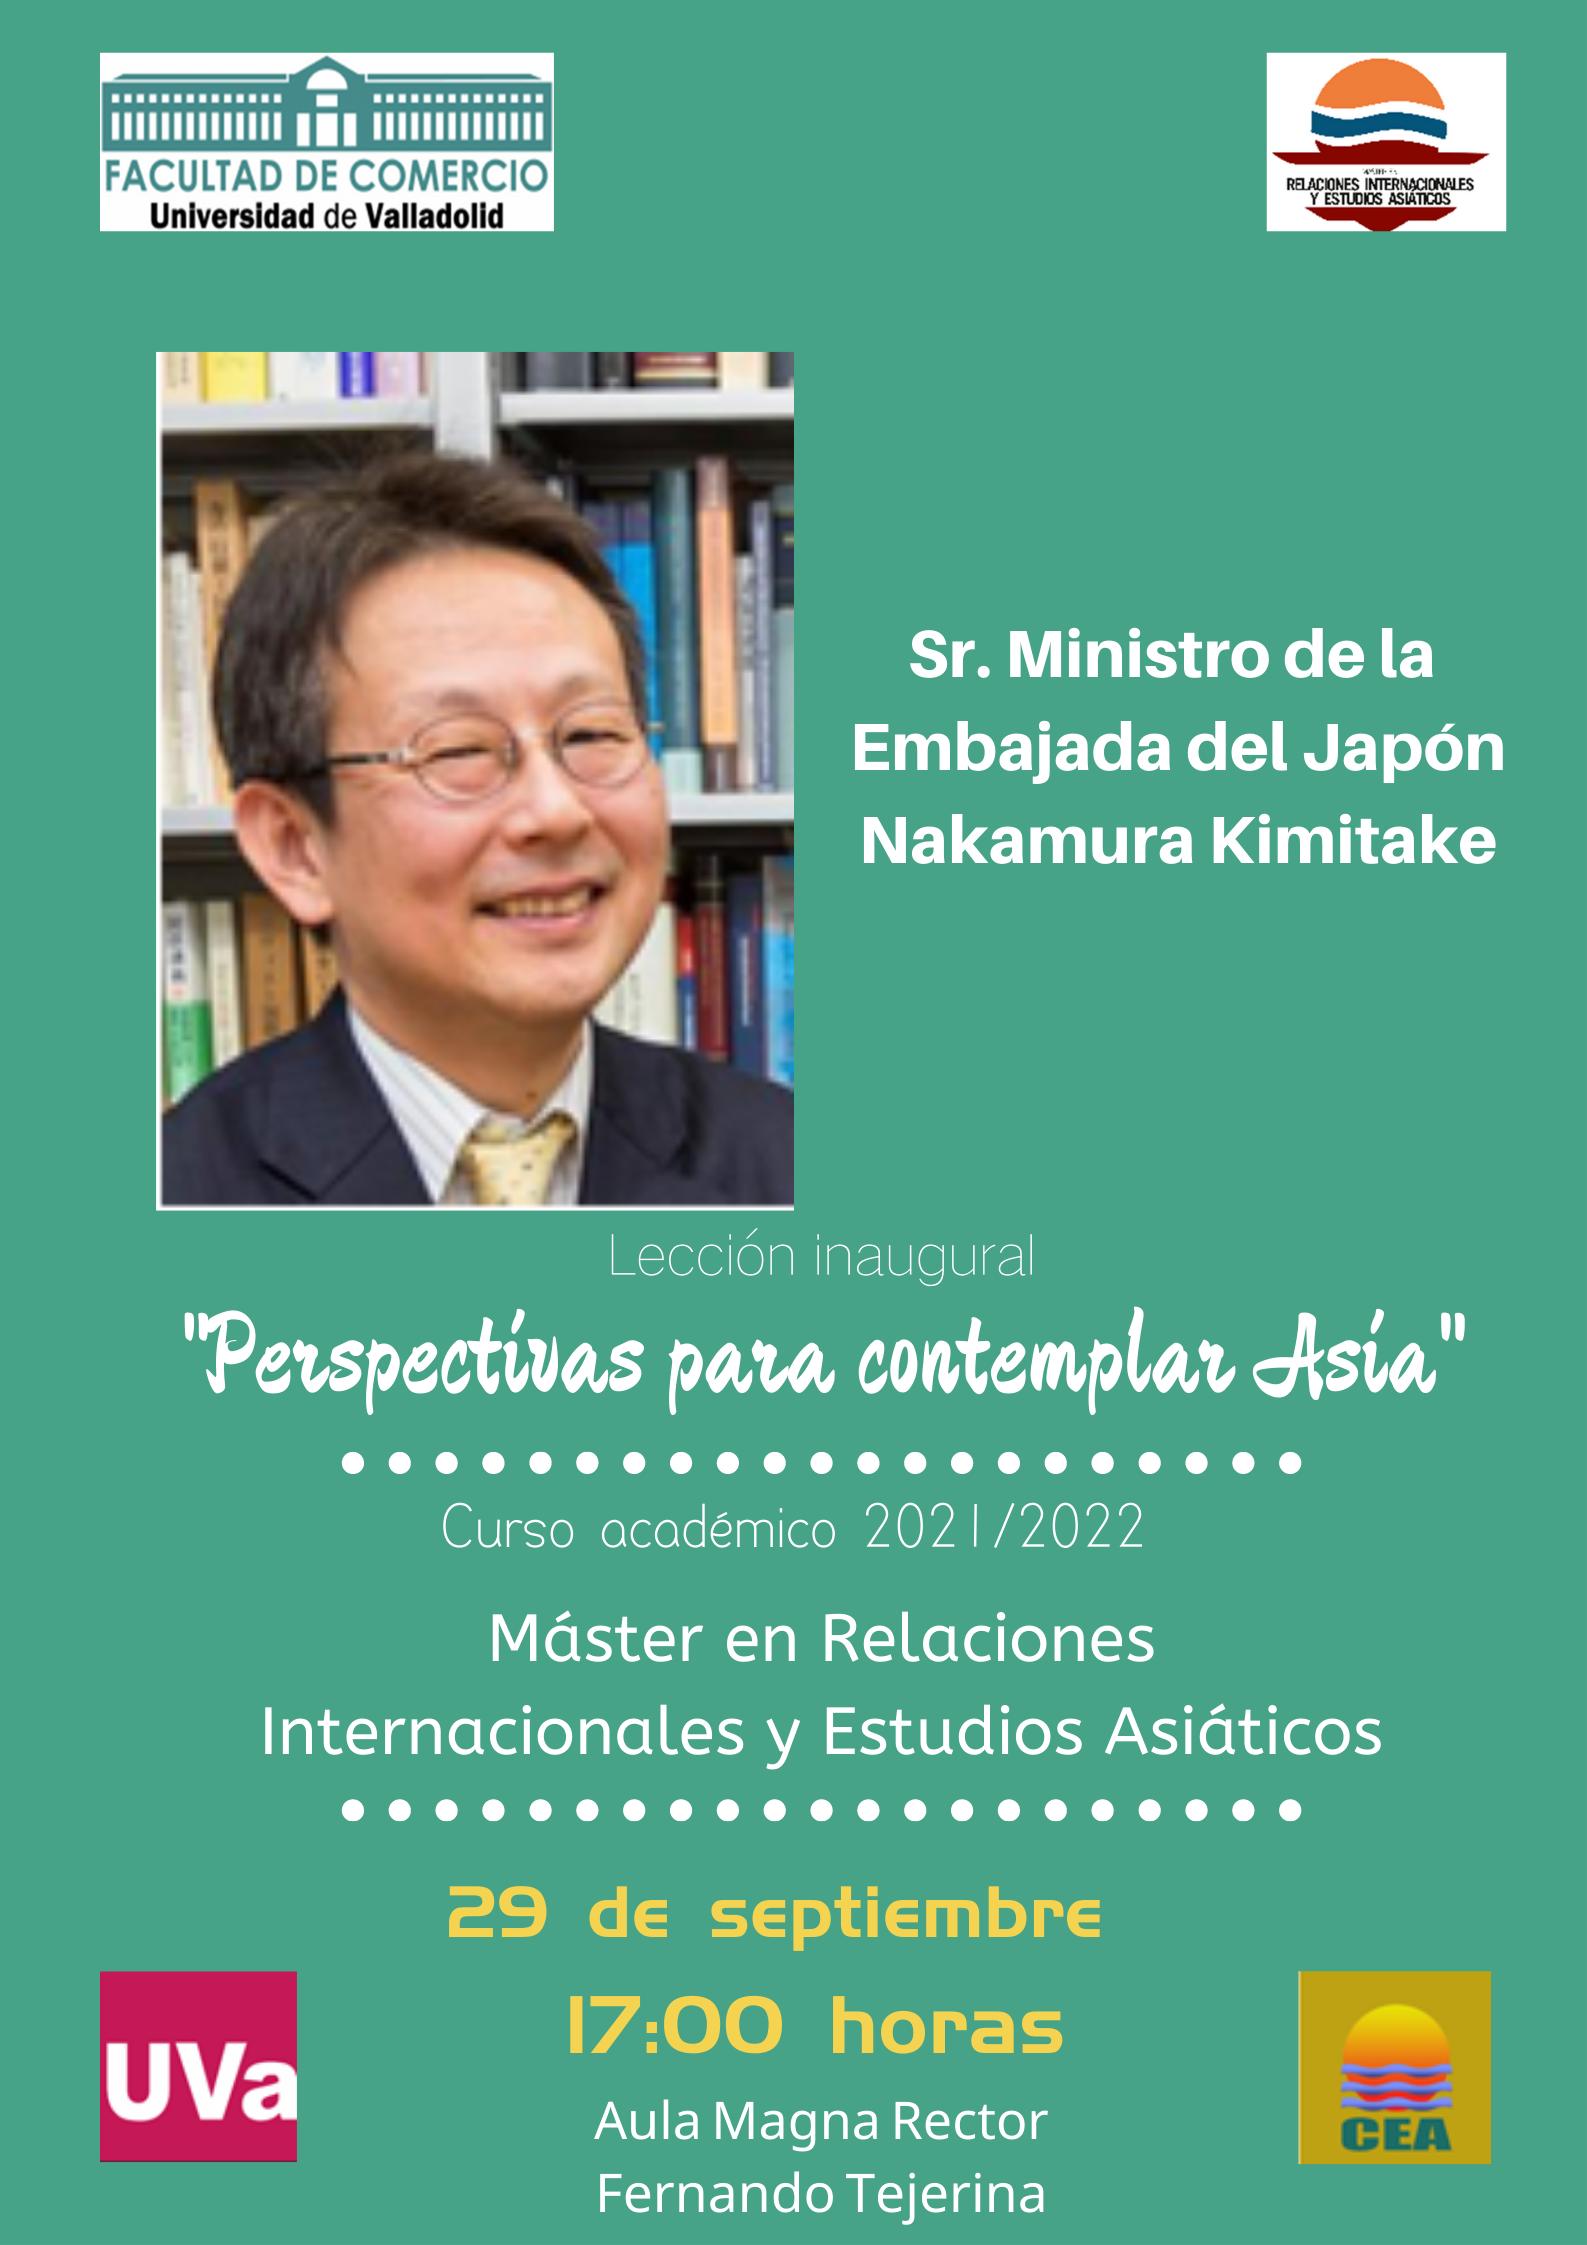 Lección inaugural (29 septiembre. 17:00): «PERSPECTIVAS PARA CONTEMPLAR ASIA». Máster en Relaciones Internacionales y Estudios Asiáticos.